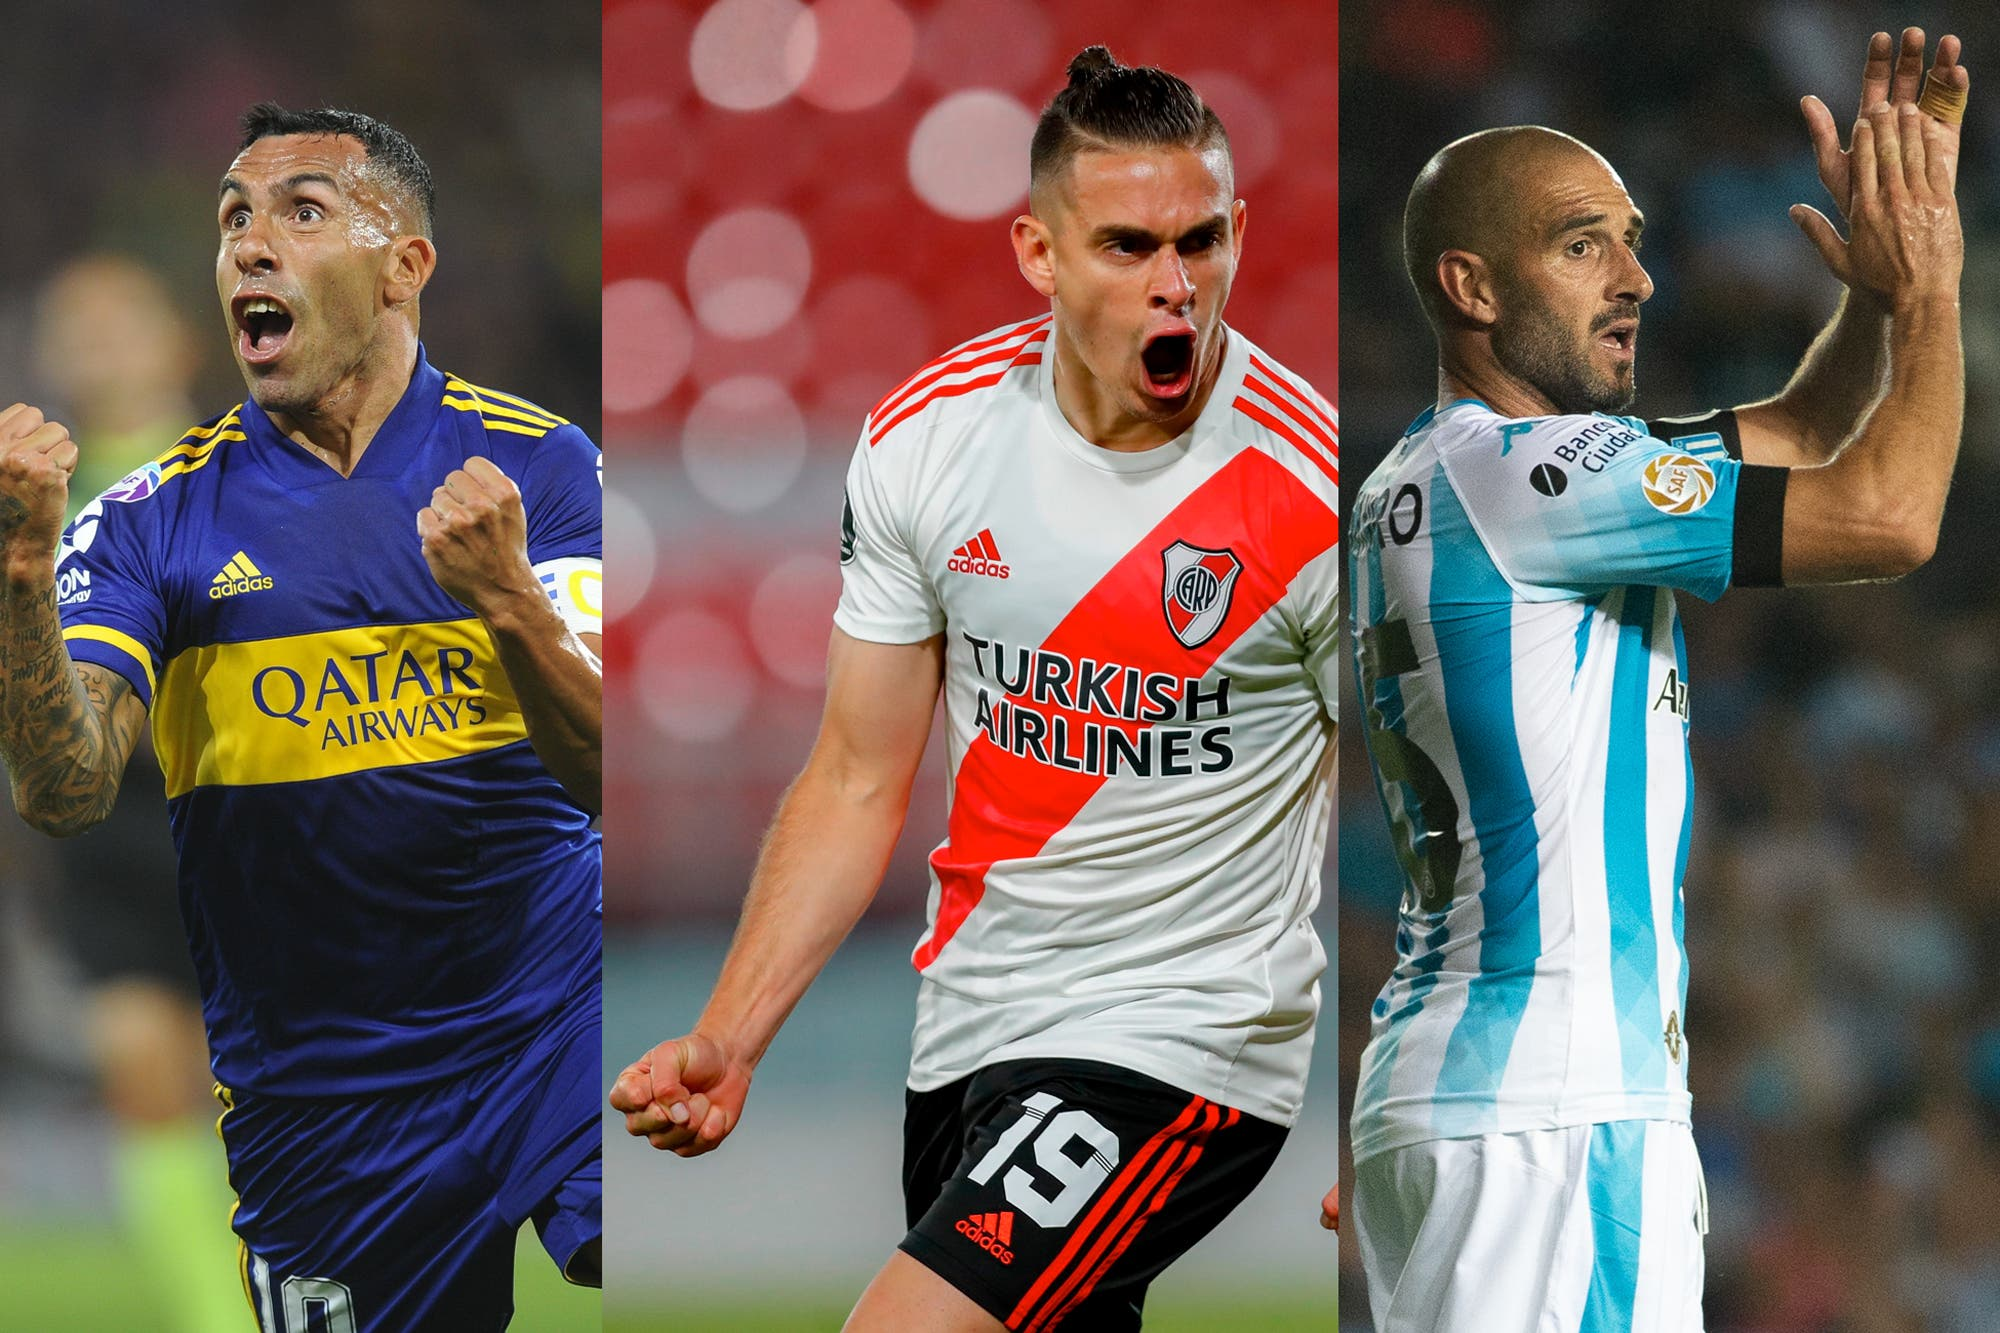 Copa Libertadores: así quedó la llave de los octavos de final con Boca, River y Racing en carrera y el fixture completo